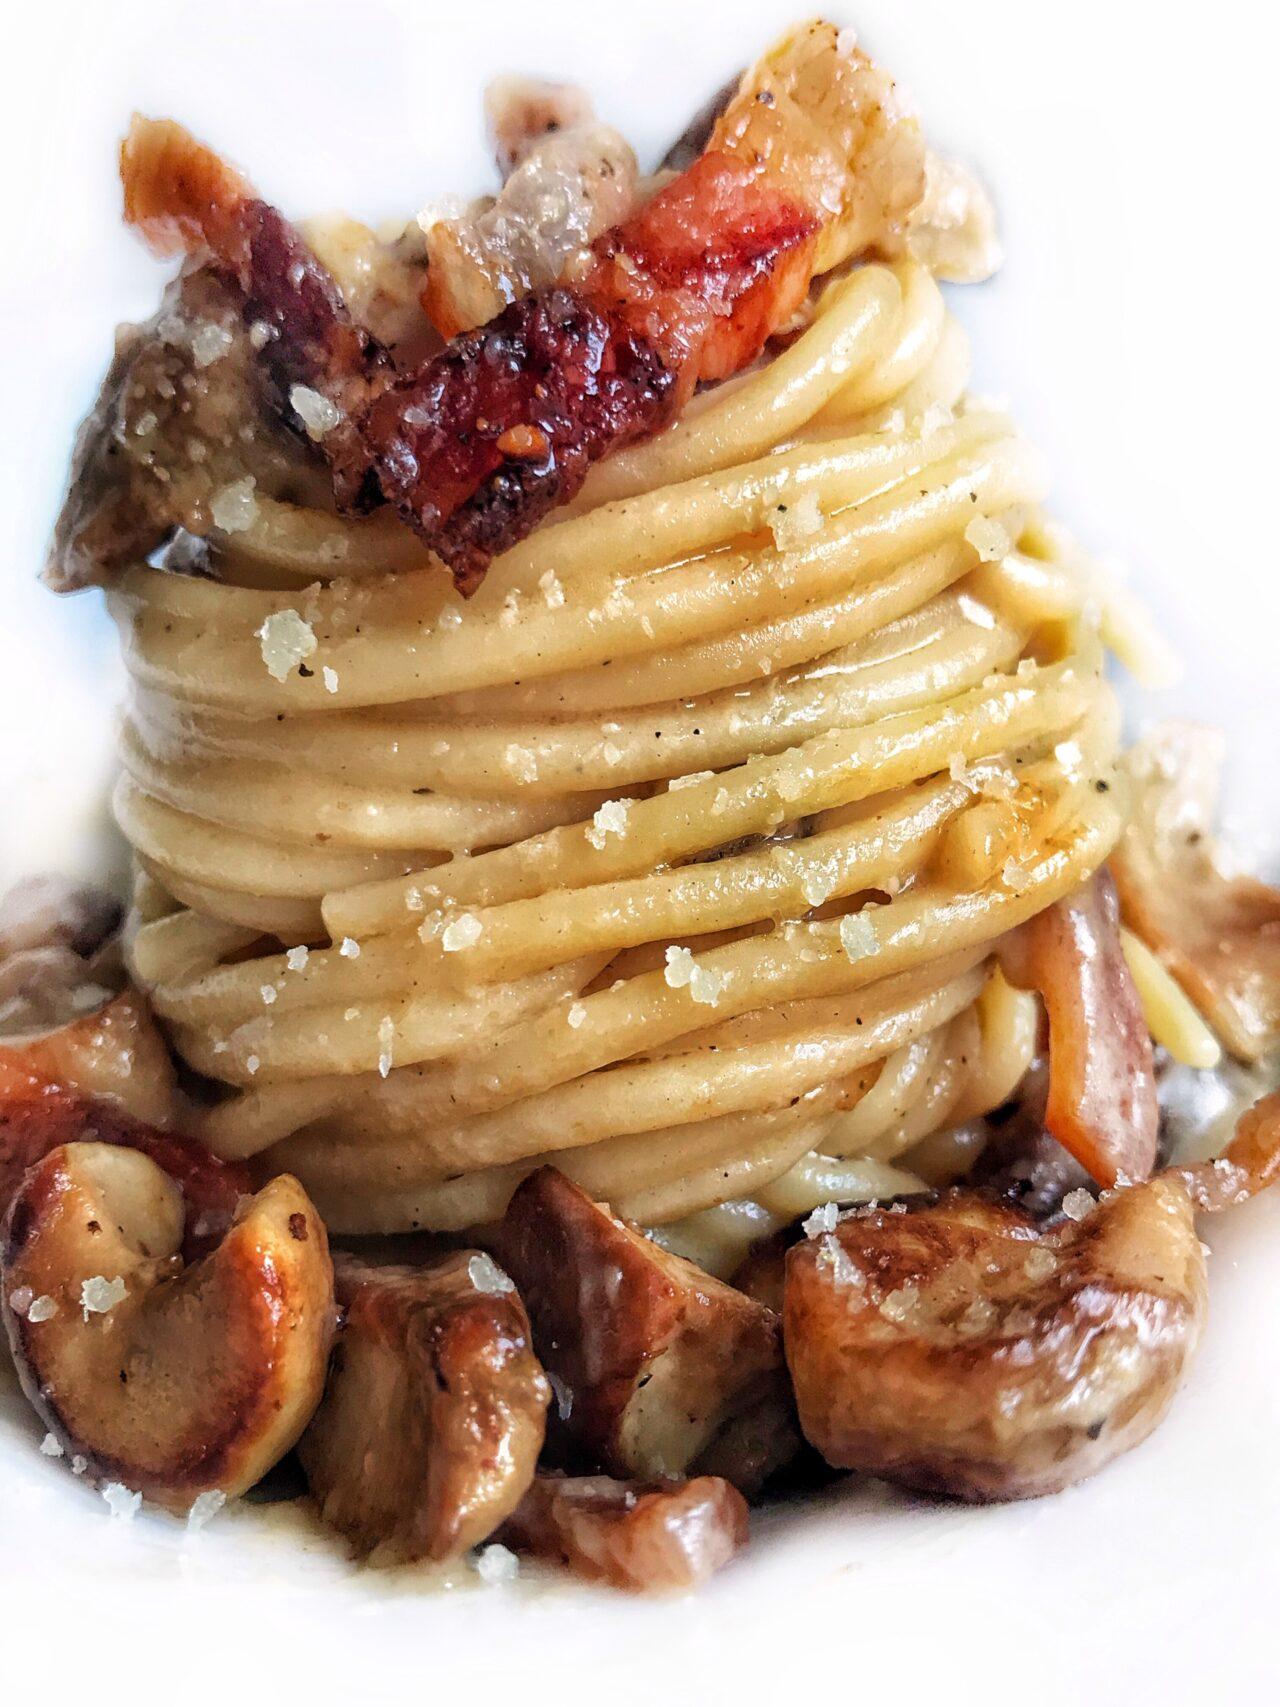 Spaghetti con funghi porcini, crema di pecorino, pepe nero e guanciale croccante